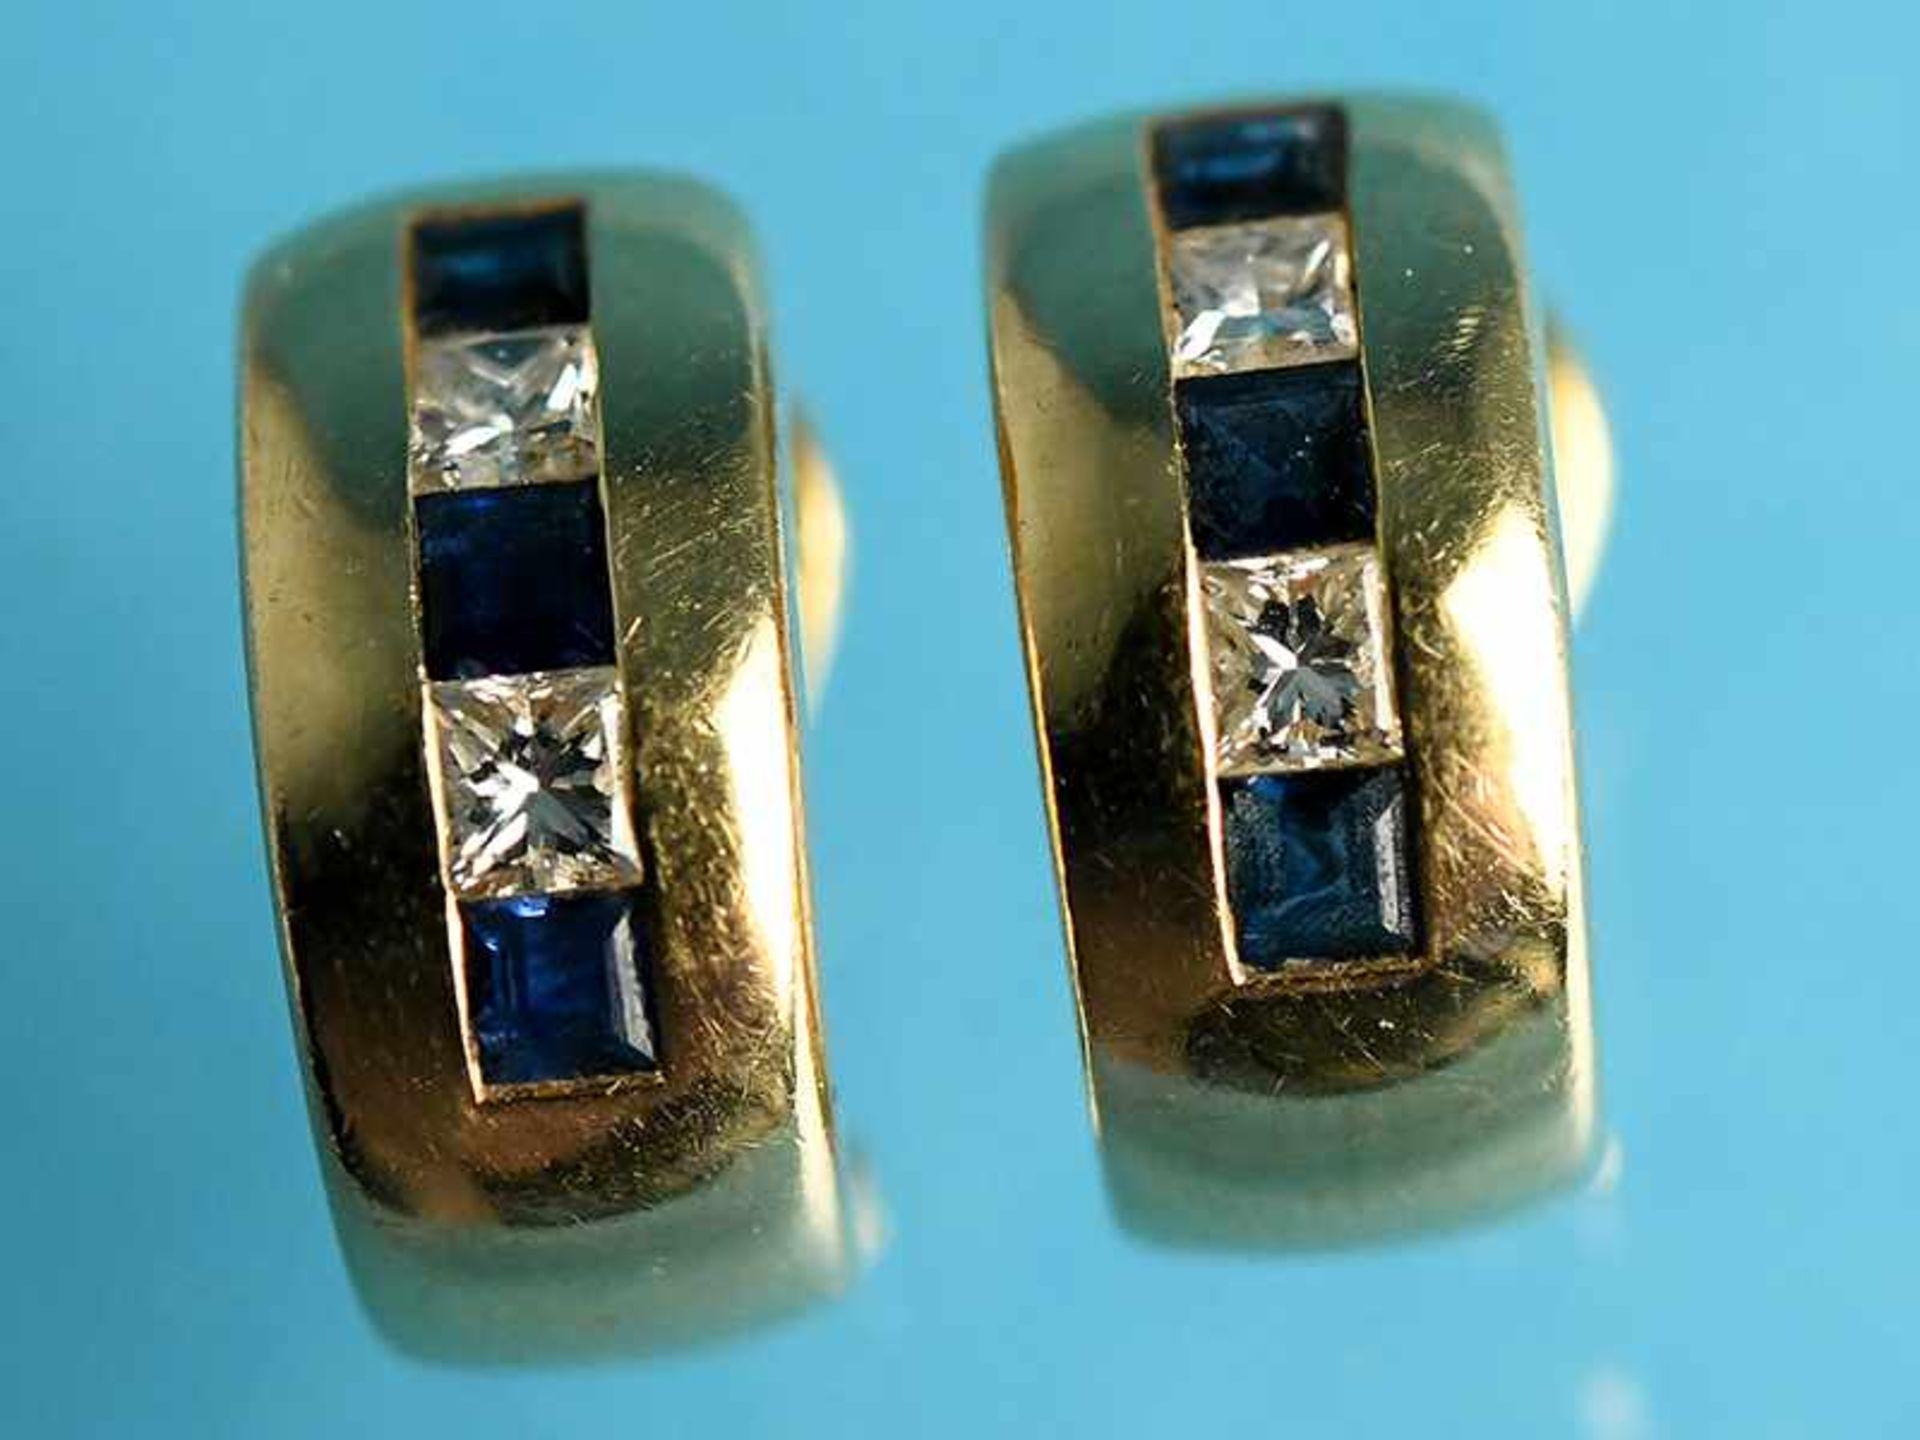 Paar Ohrclips mit jeweils 3 Saphir- und 2 Diamant-Carres, zusammen ca. 0,2 ct Goldschmiedearbeit, - Bild 2 aus 2